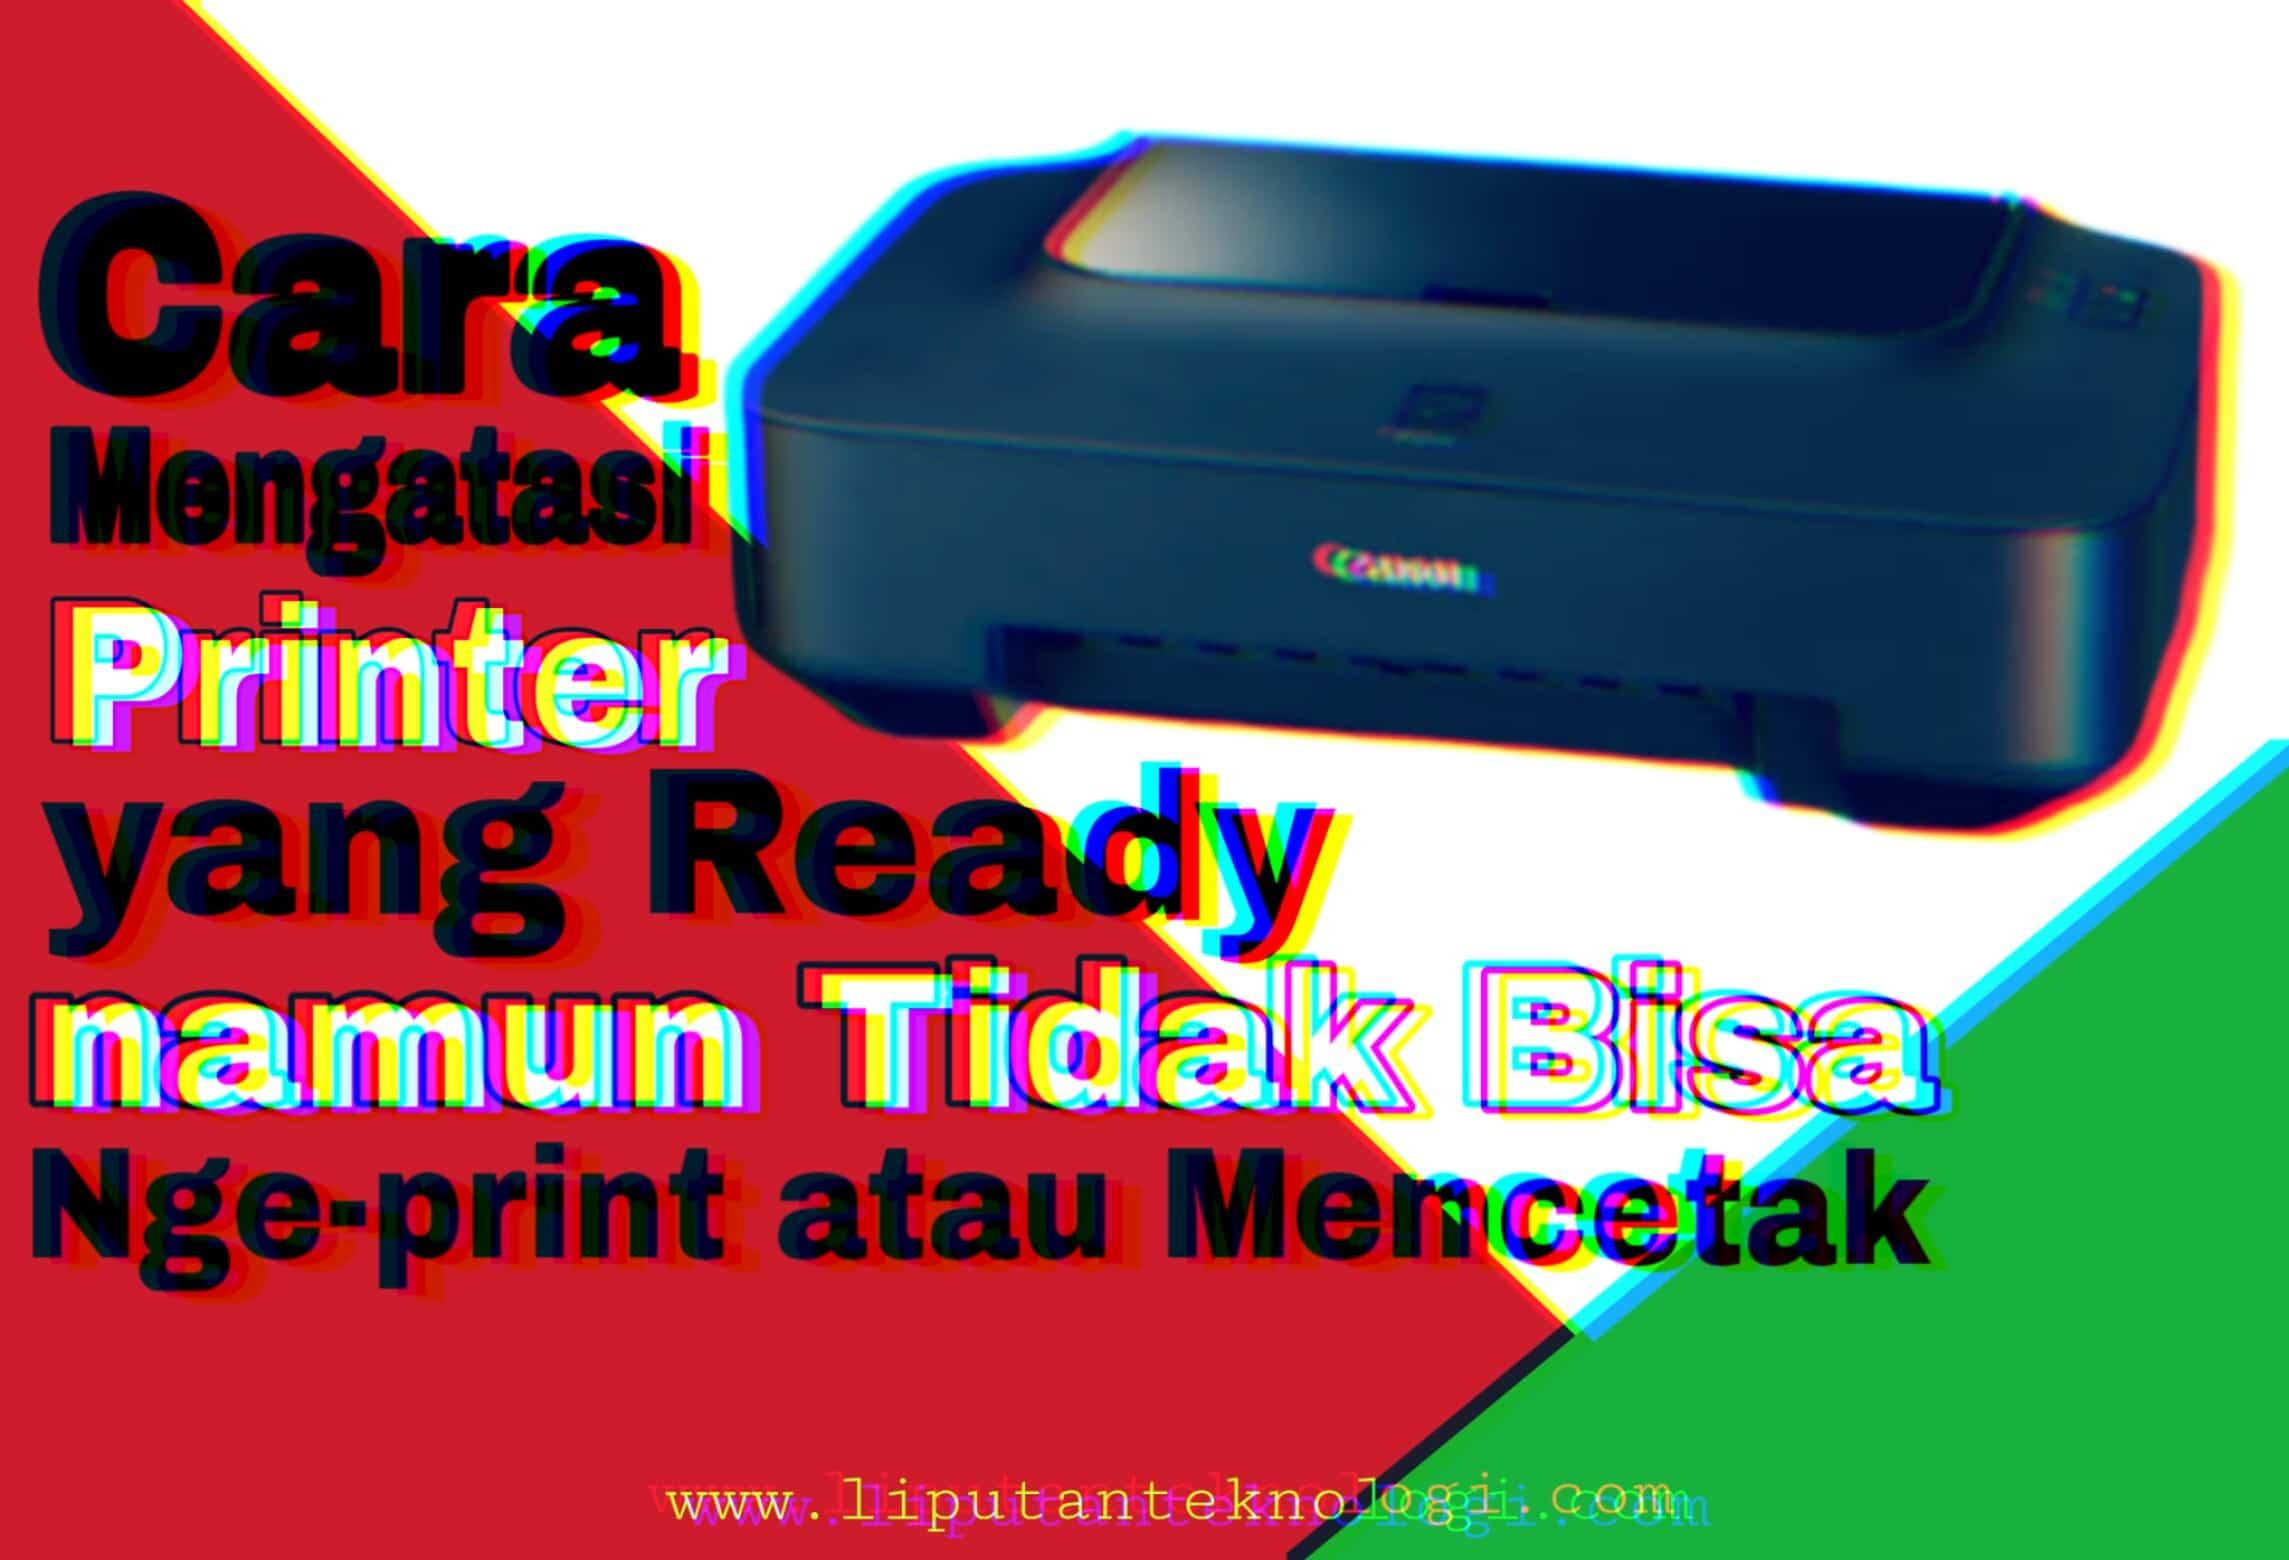 Mengatasi masalah printer